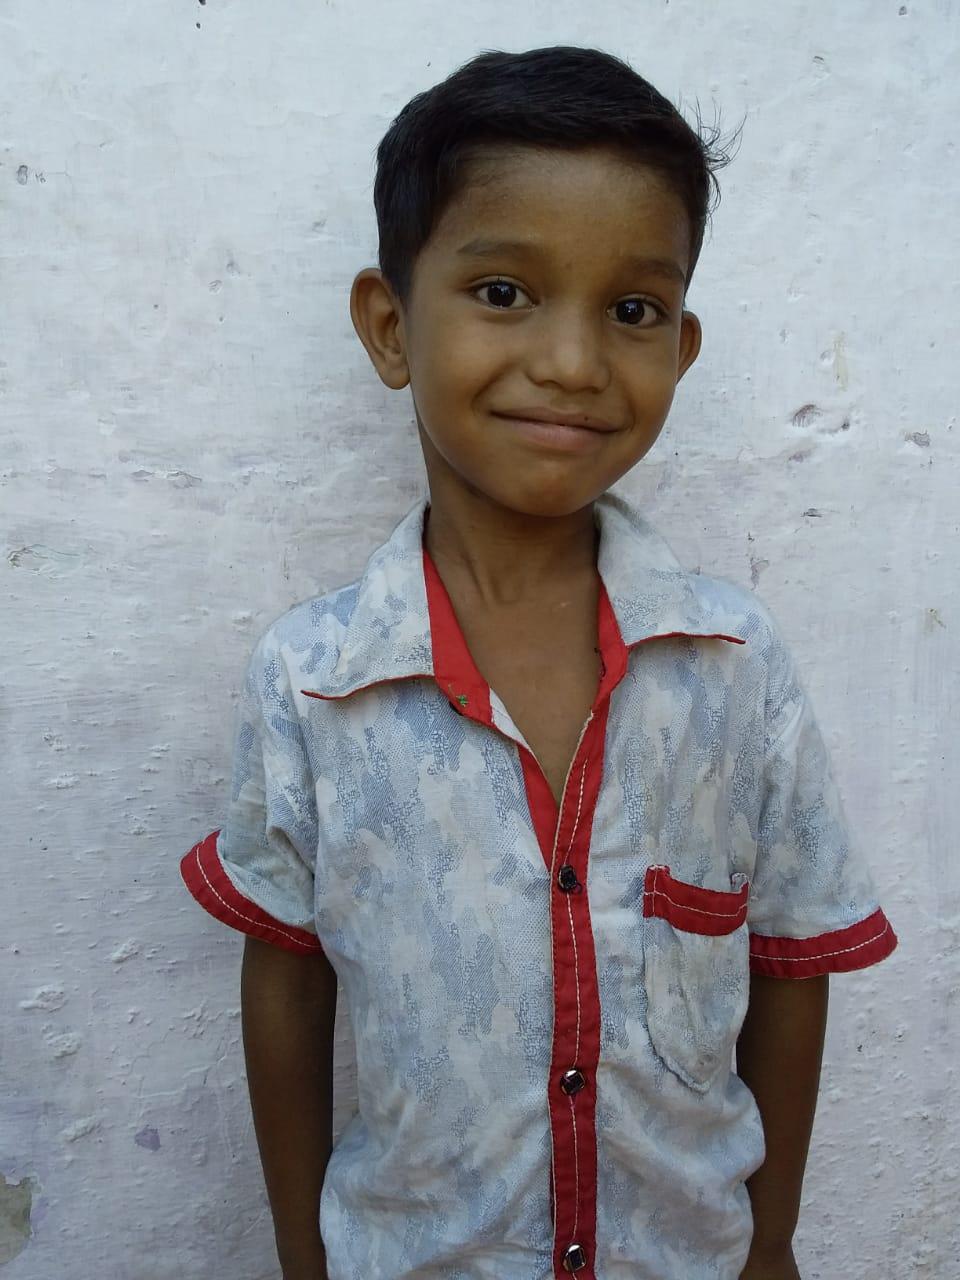 Meet Ansh